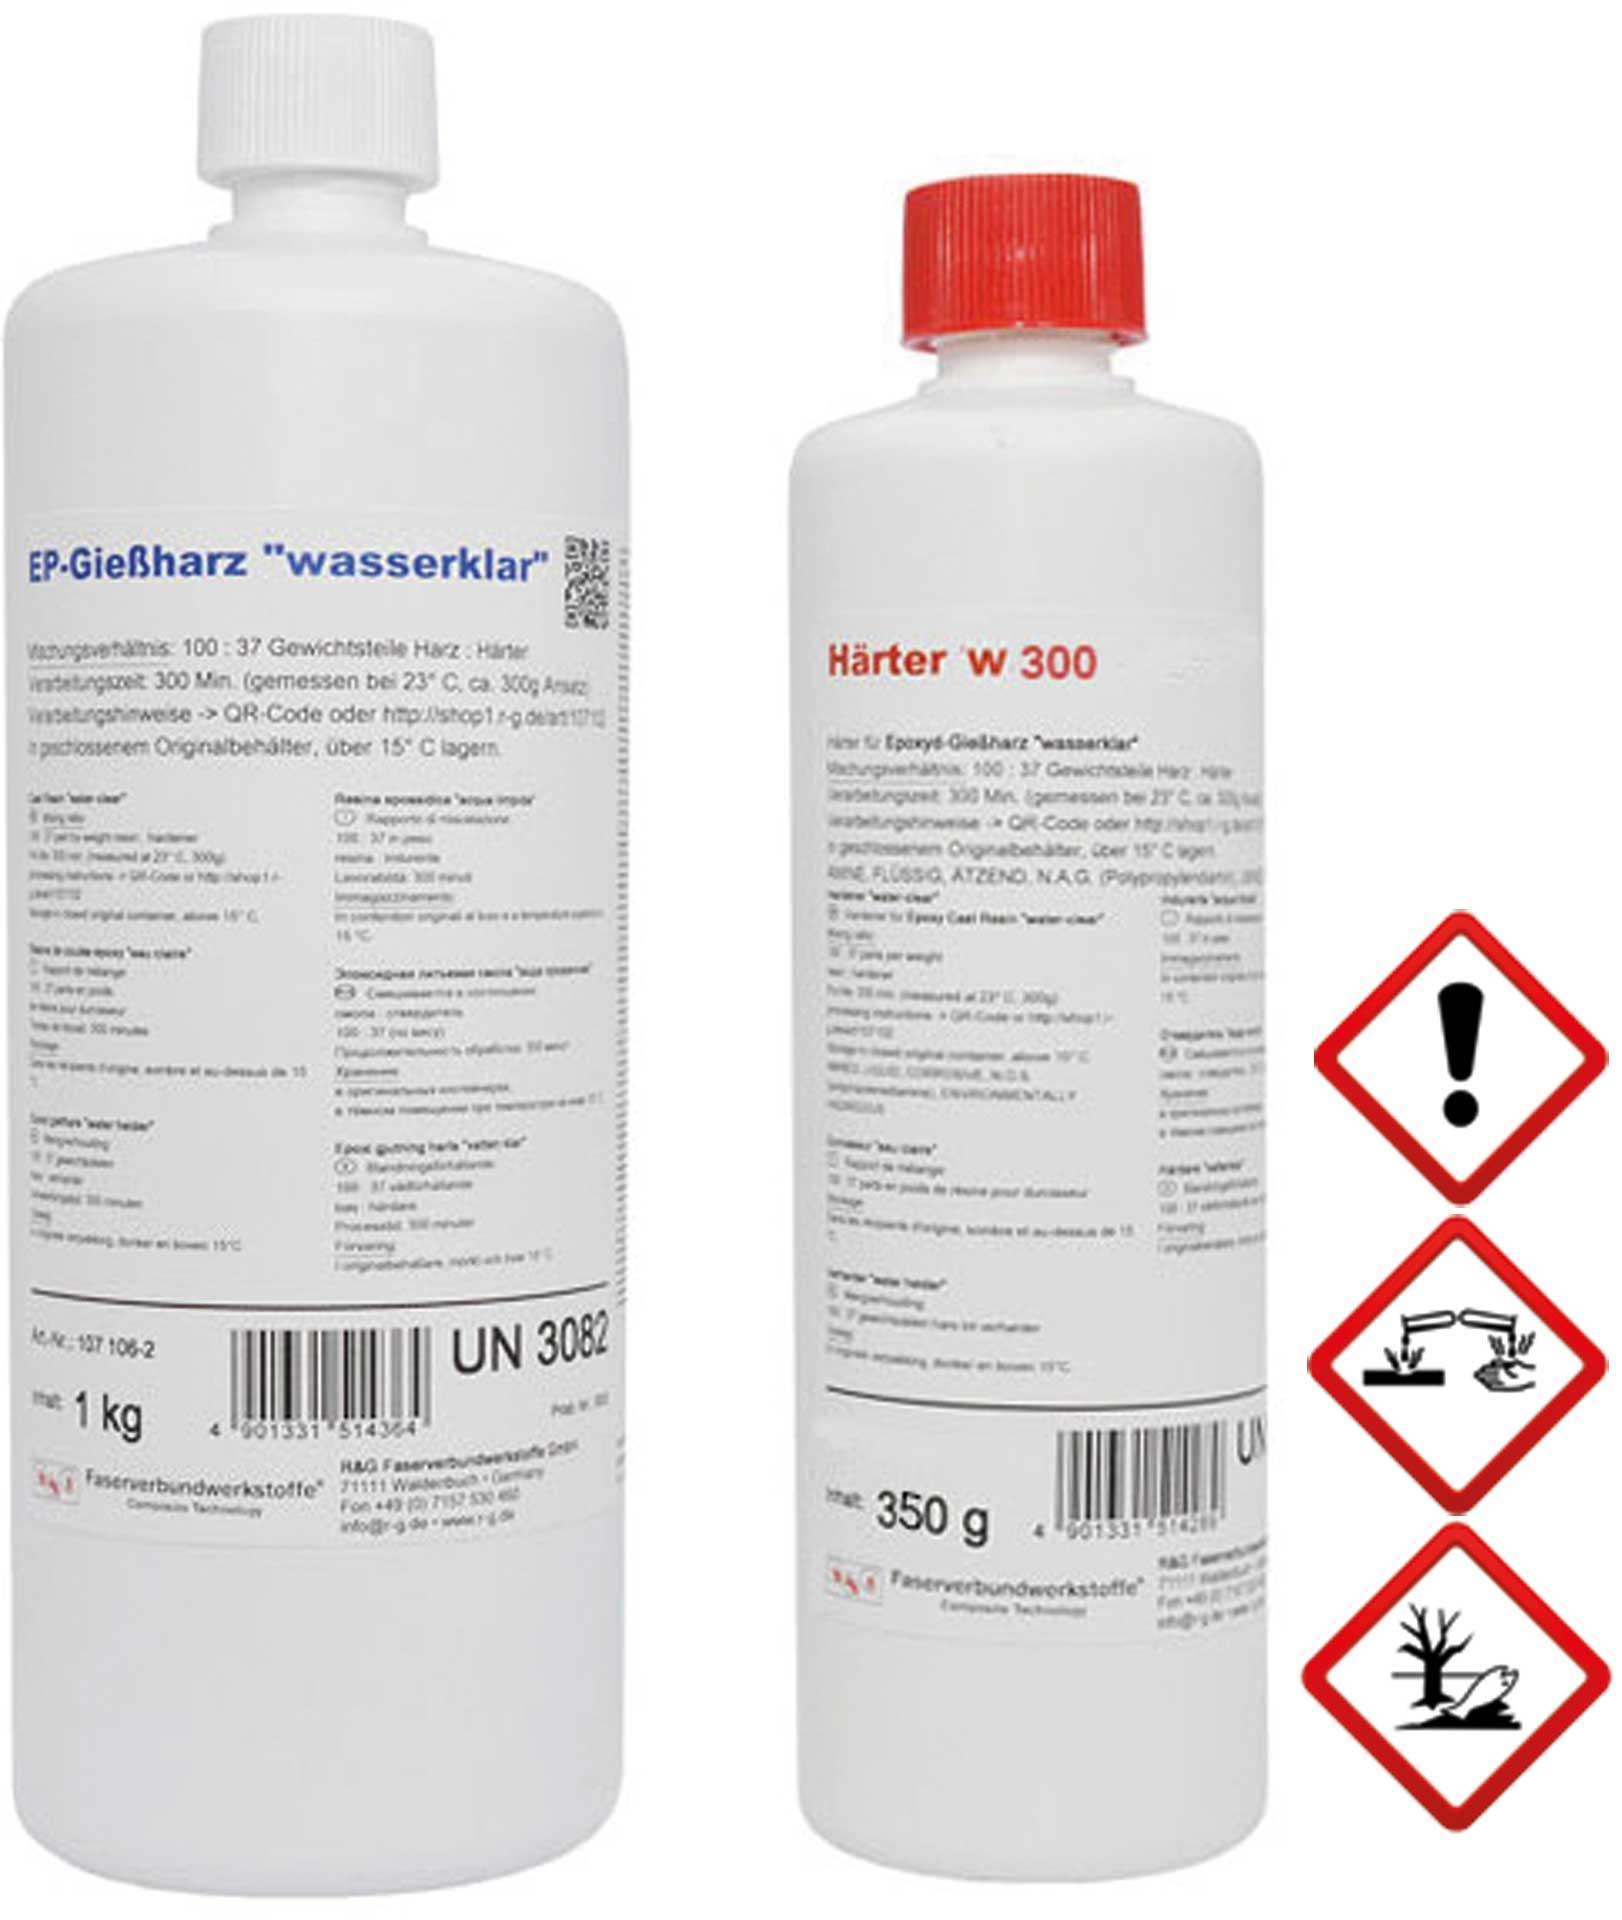 R&G Epoxid-Gießharz (wasserklar) + Härter W300, Packung/ 1,35 kg